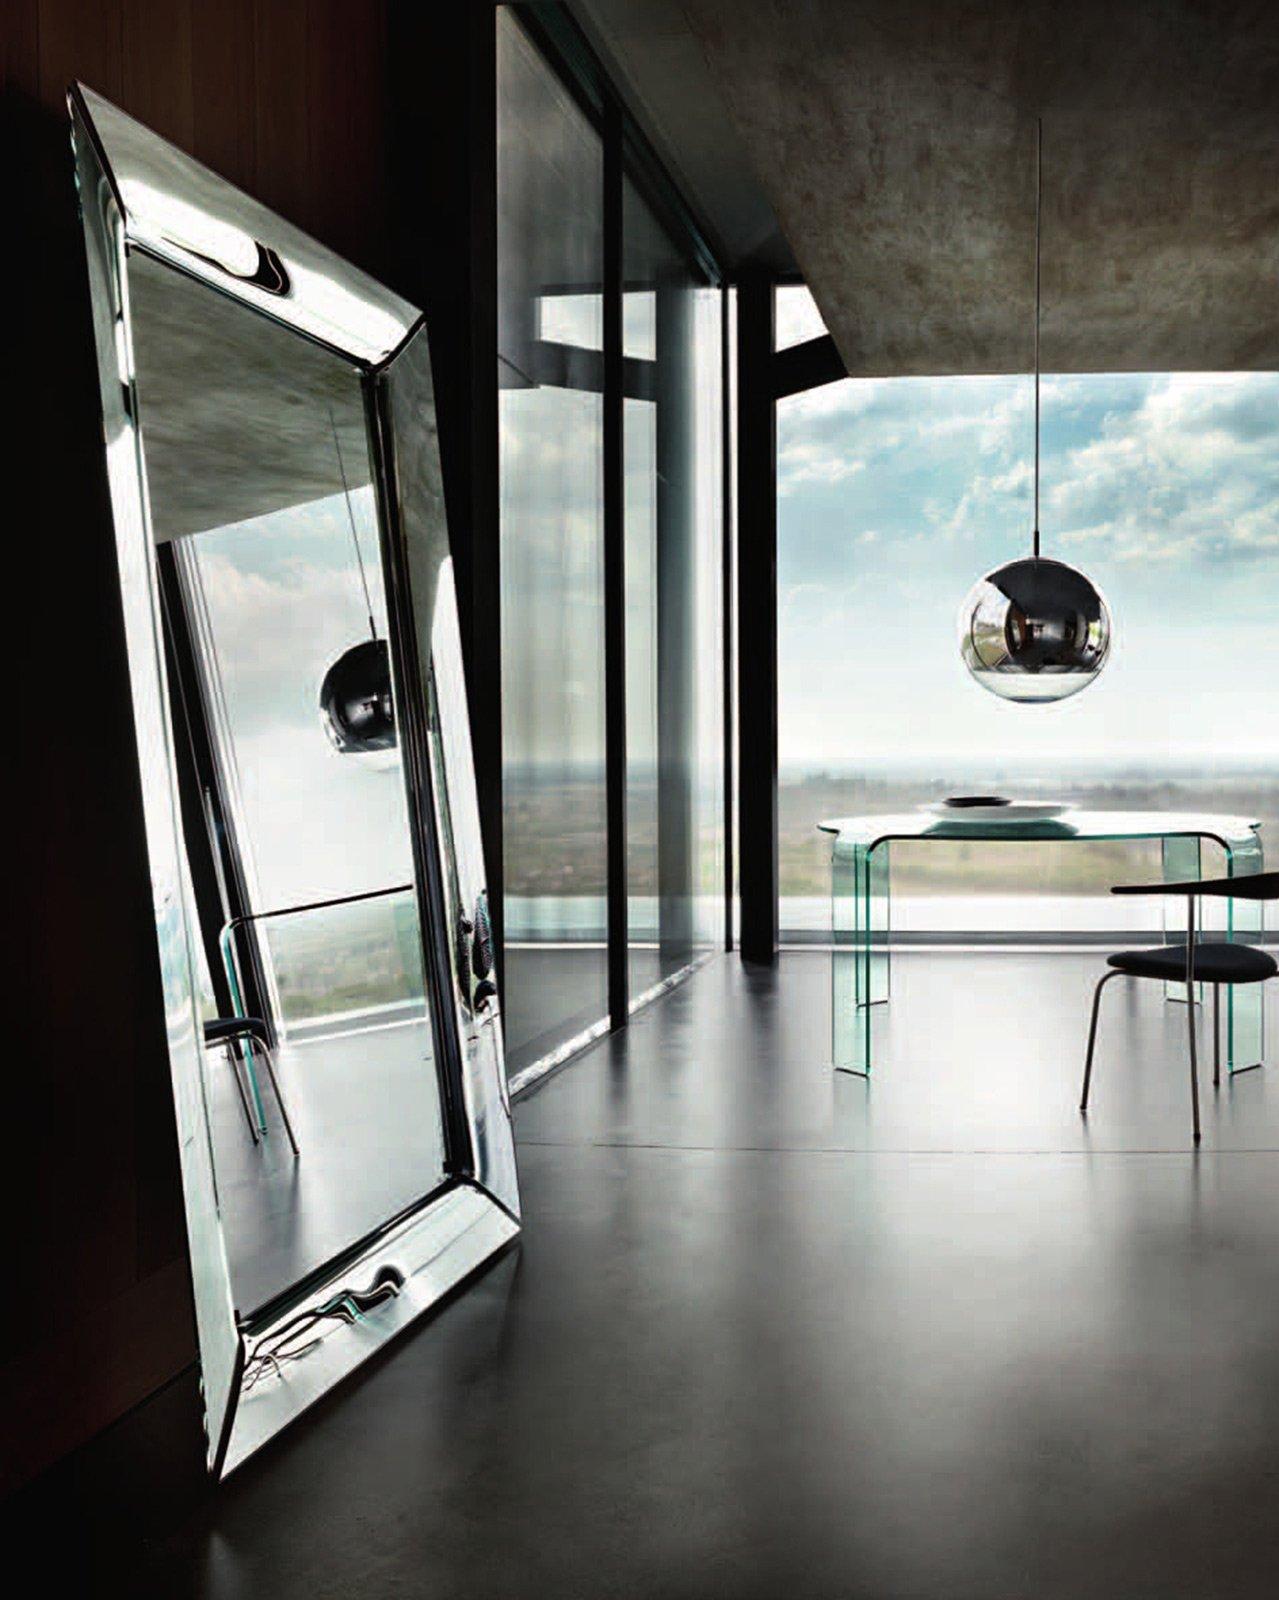 Specchi questione di riflessi cose di casa - Specchi da parete di design ...